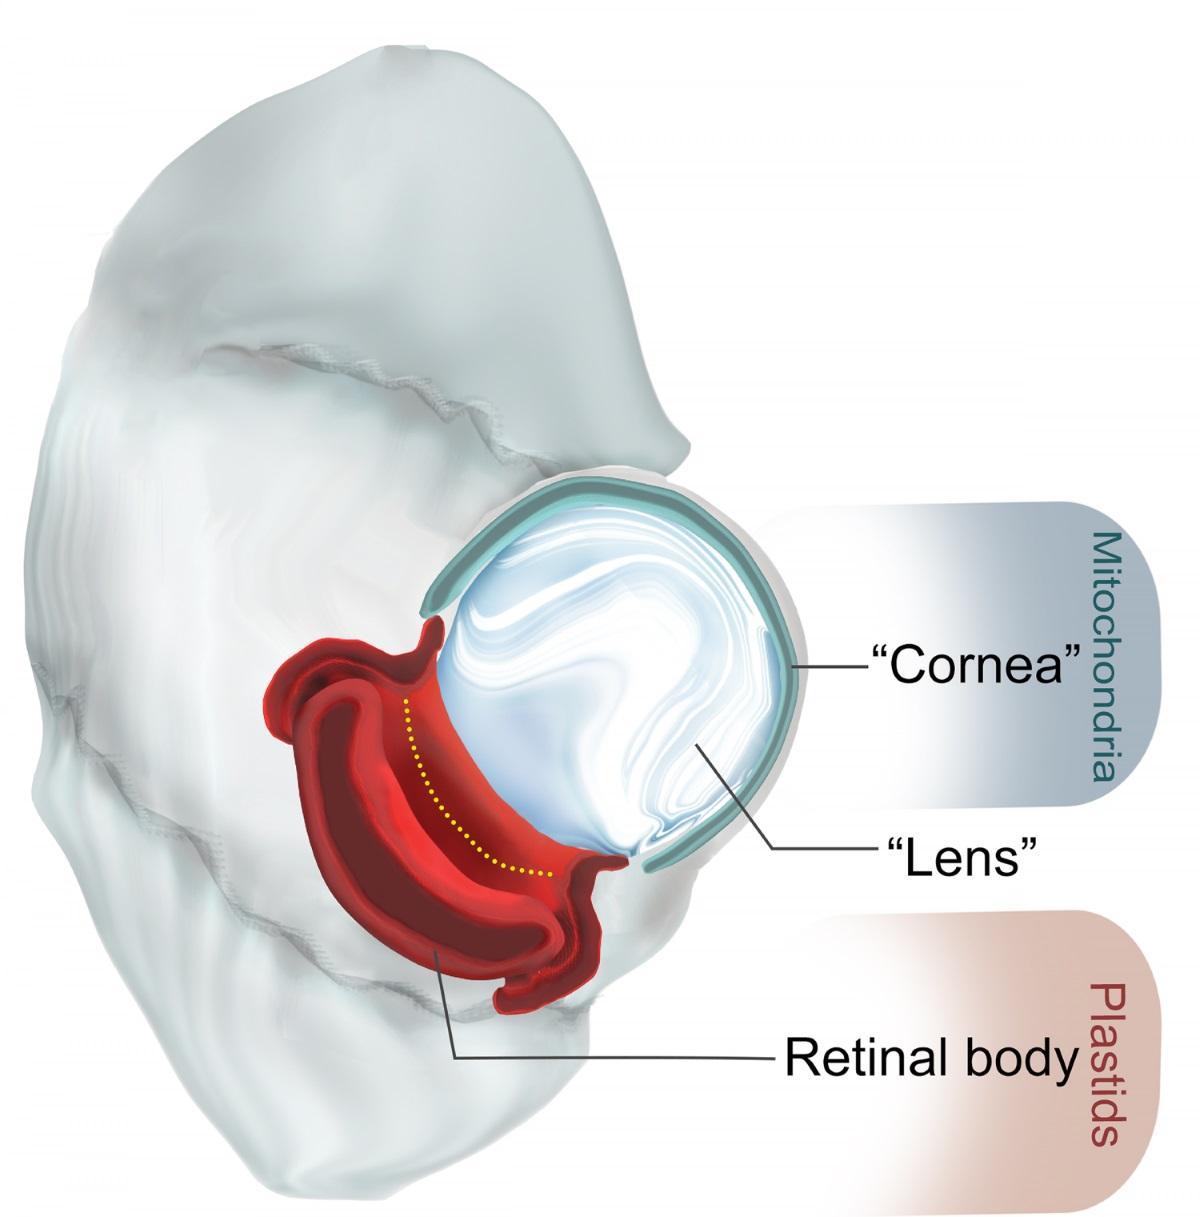 У одноклеточного нашли глаз с «хрусталиком» и «сетчаткой»